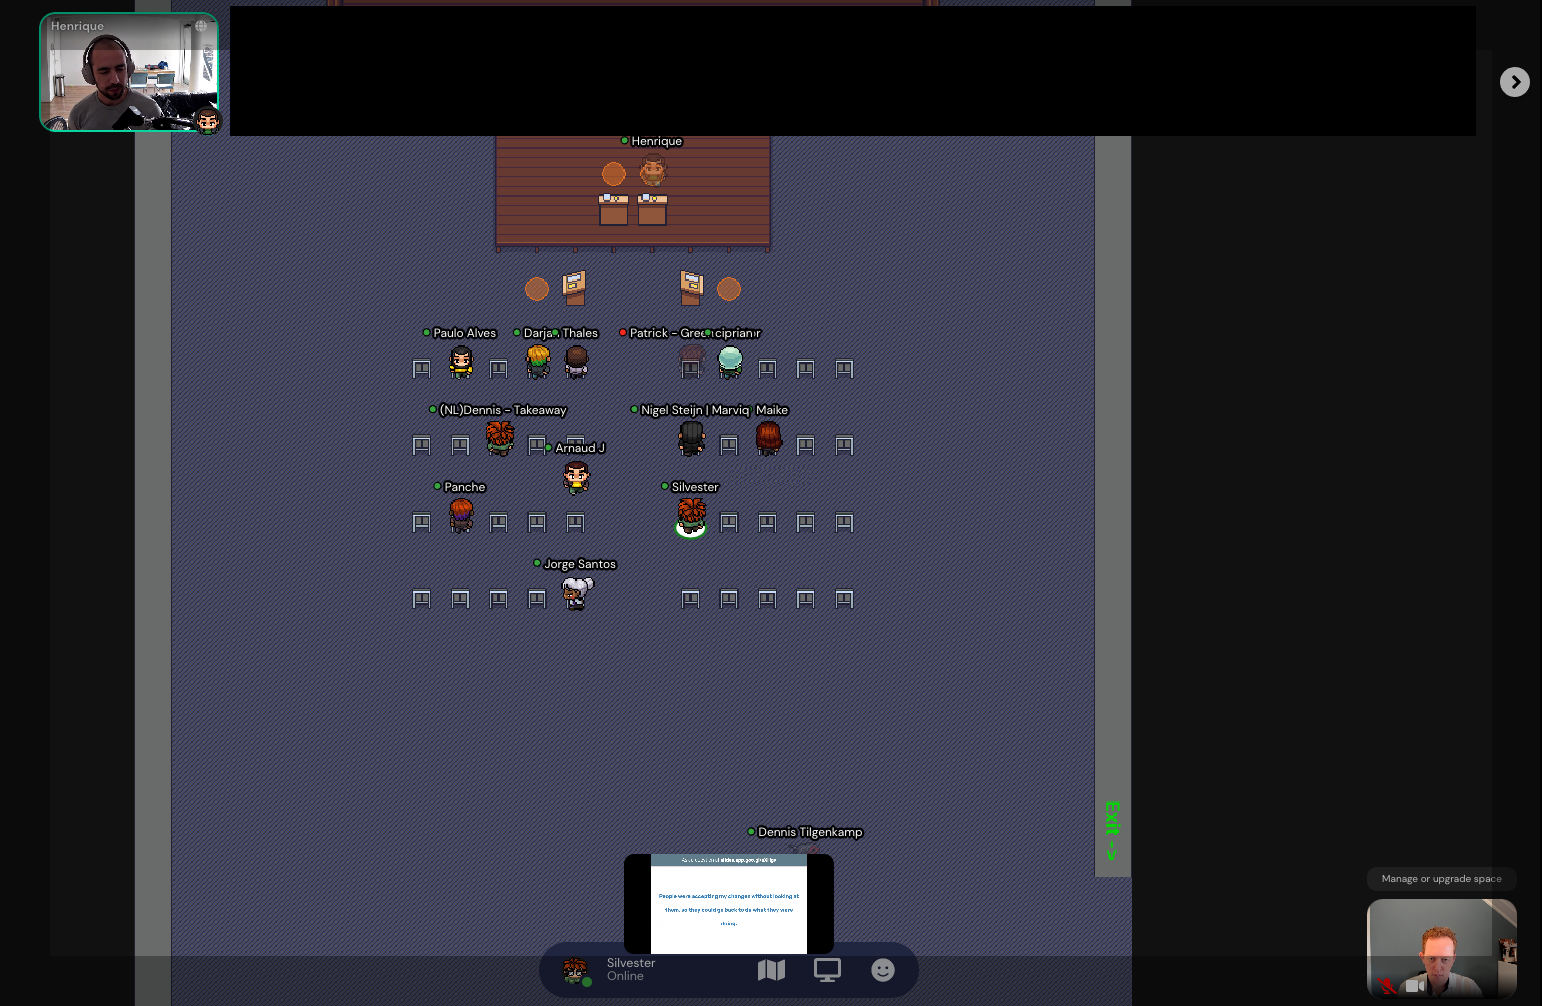 Screenshot 2021-02-09 at 13.20.21